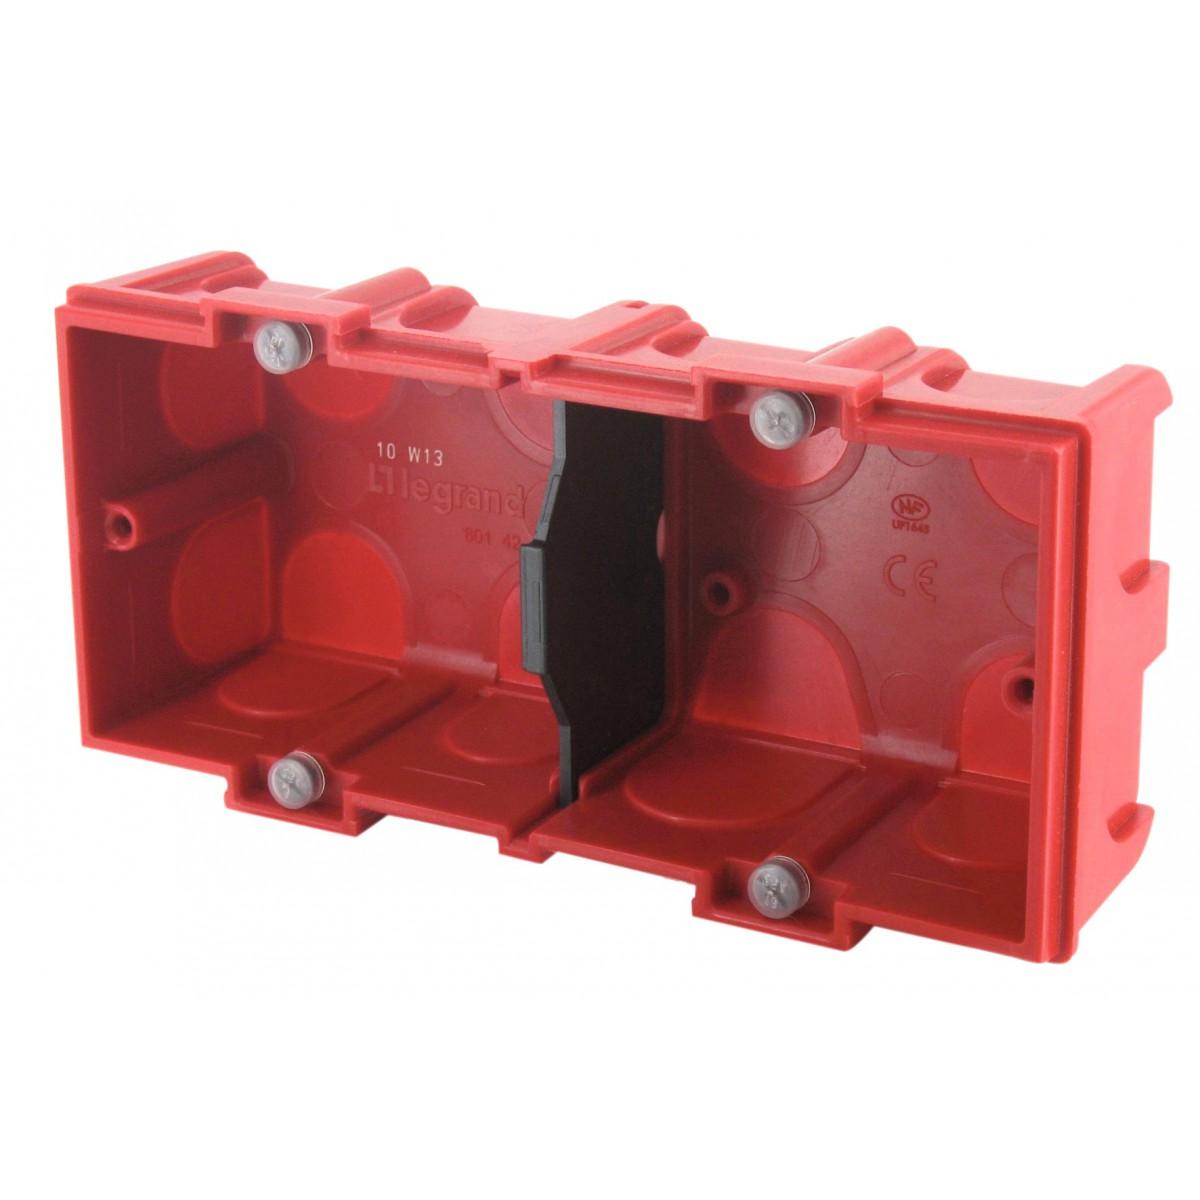 Boîte maçonnerie Legrand - 2 postes - Profondeur 40 mm